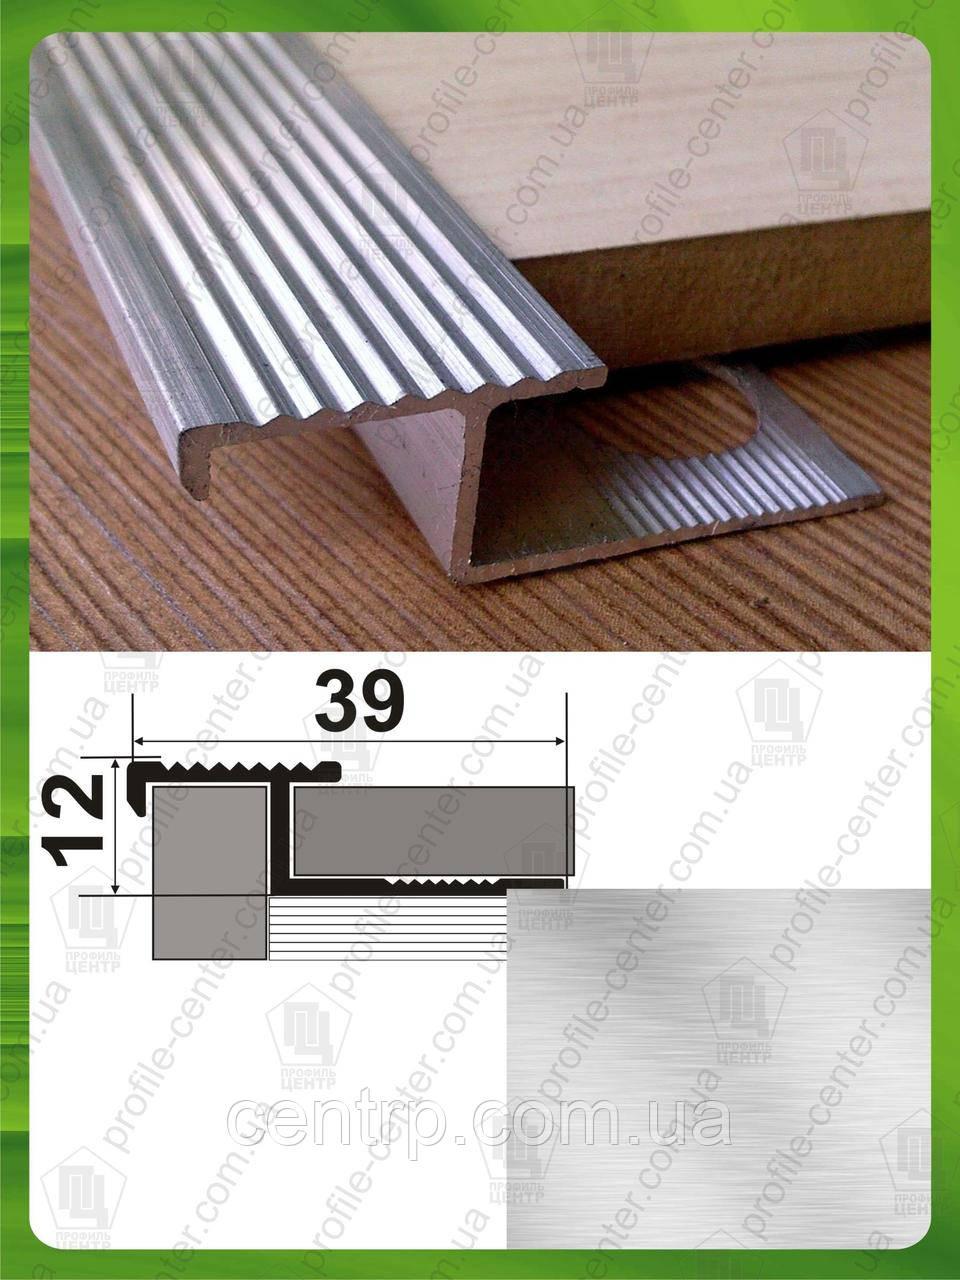 Алюминевый плиточный Z-профиль под плитку АПZR, усиленный. Без покрытия.